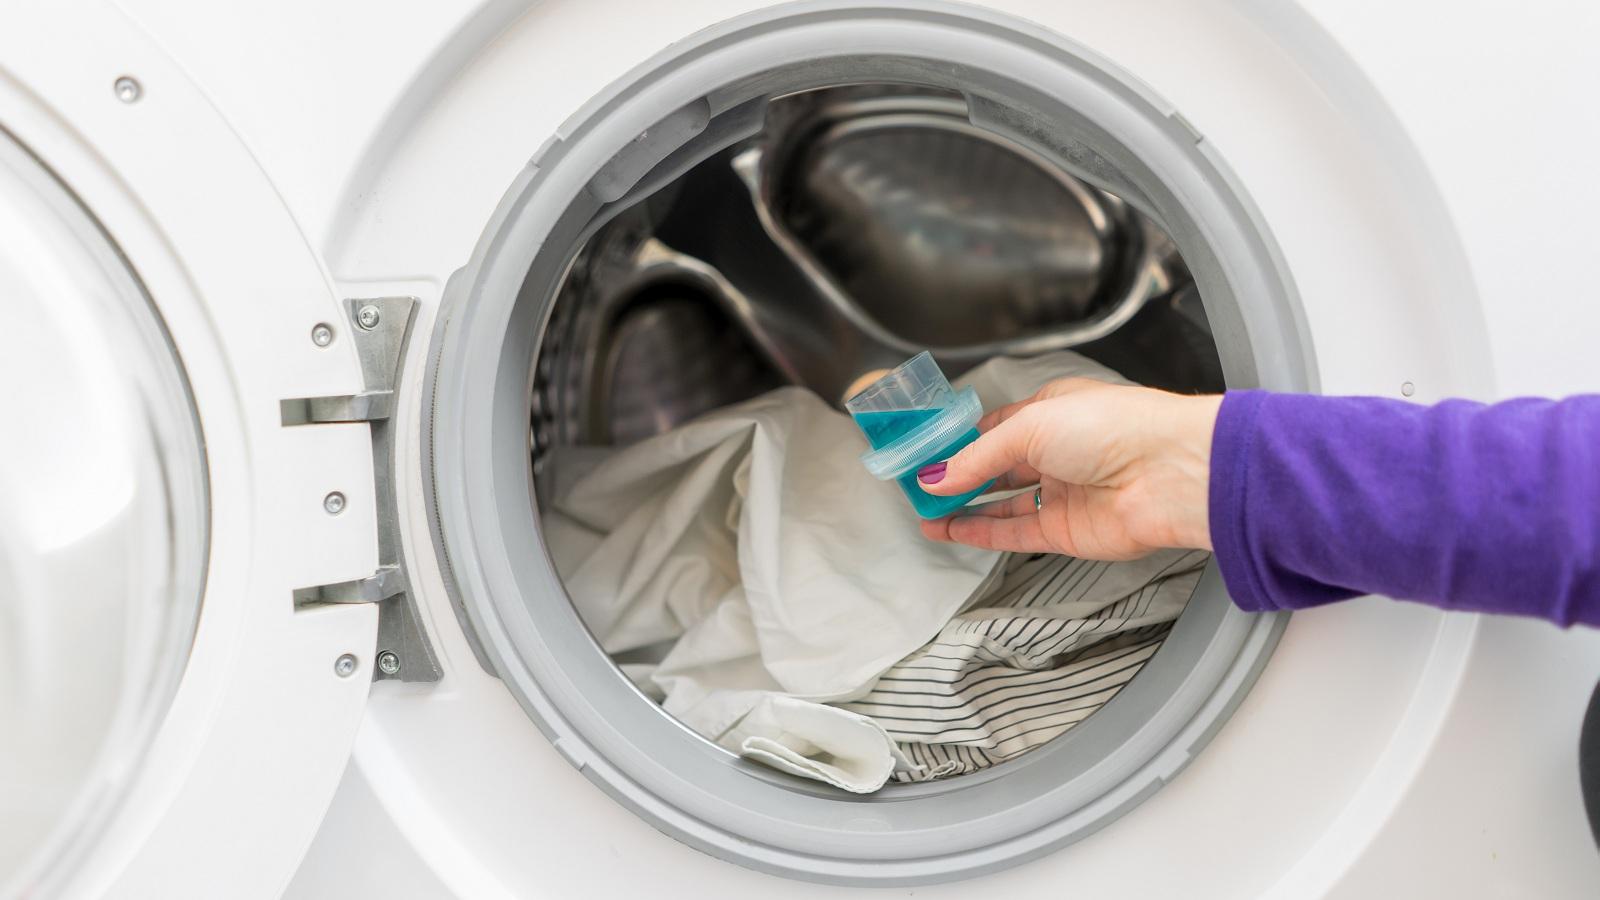 Lavatrice E Bucato 5 Cose Che Forse Non Sai Altroconsumo